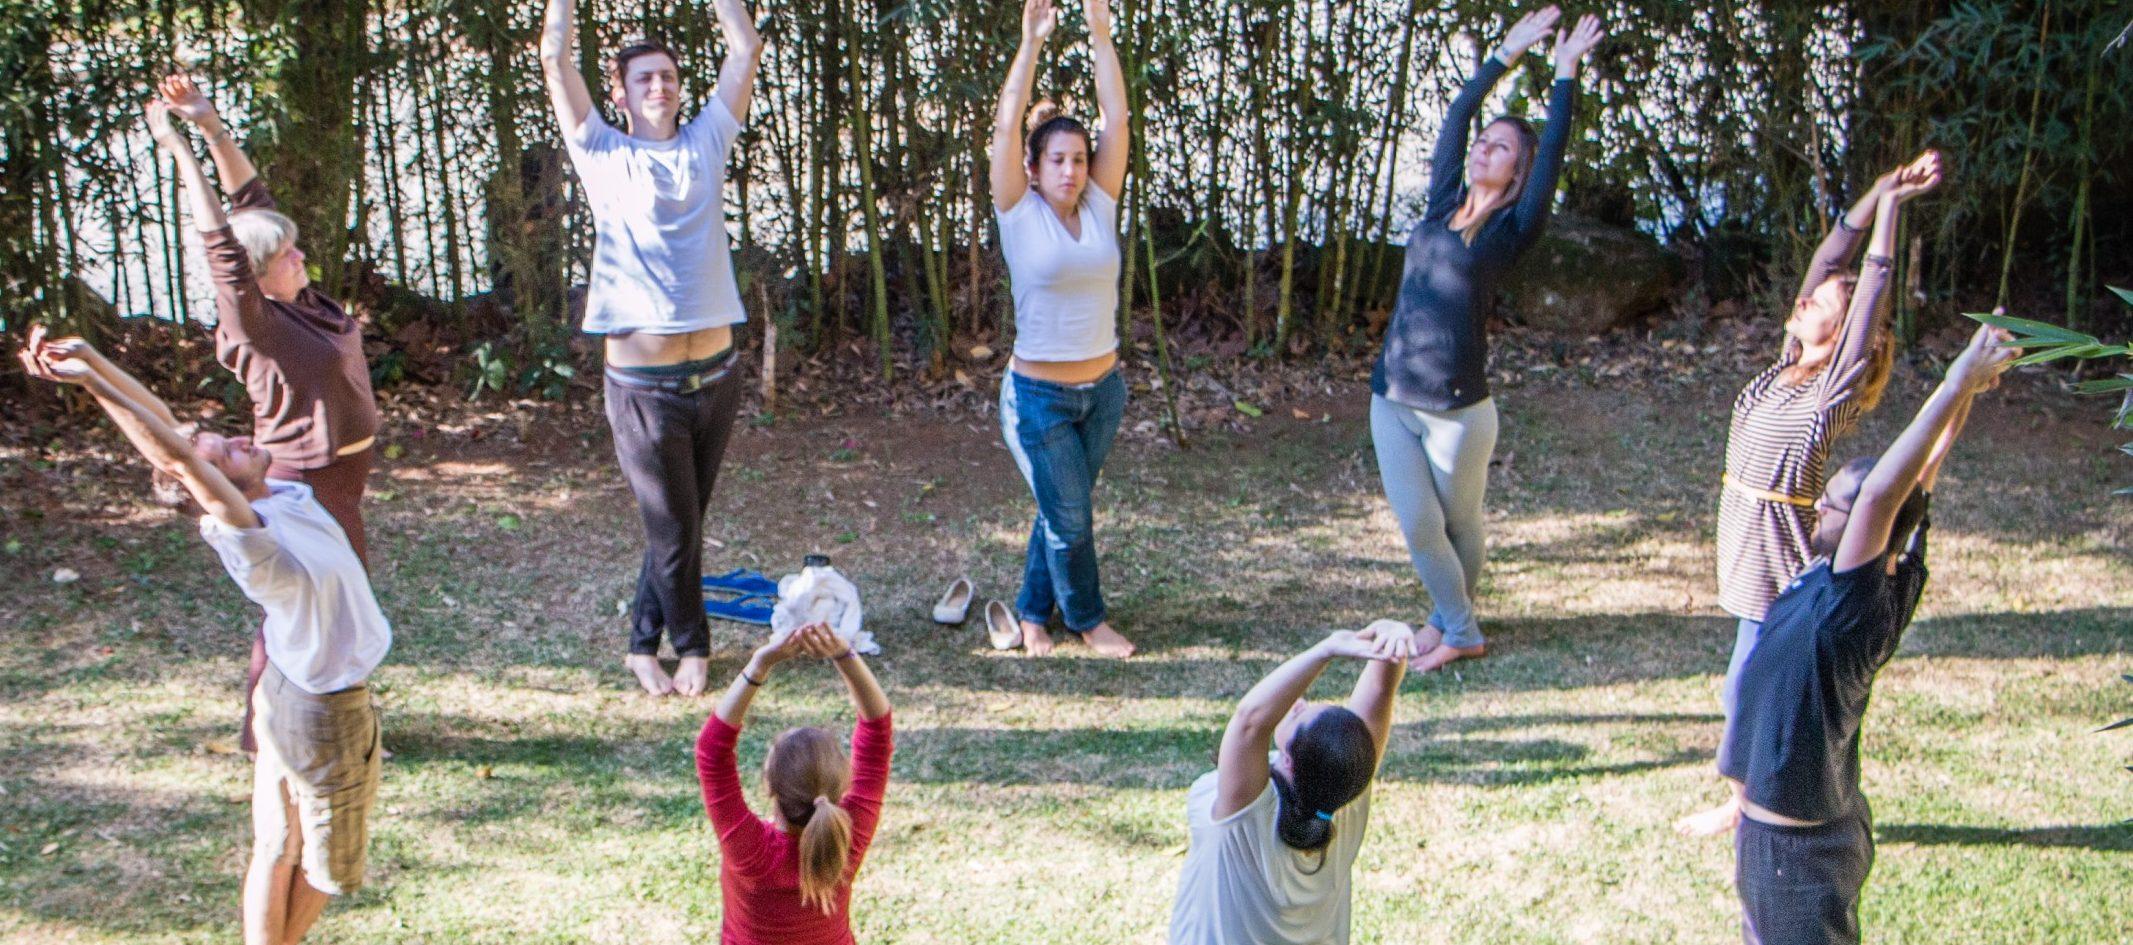 pessoas de pé formando circulo fazendo alongamento durante retiro